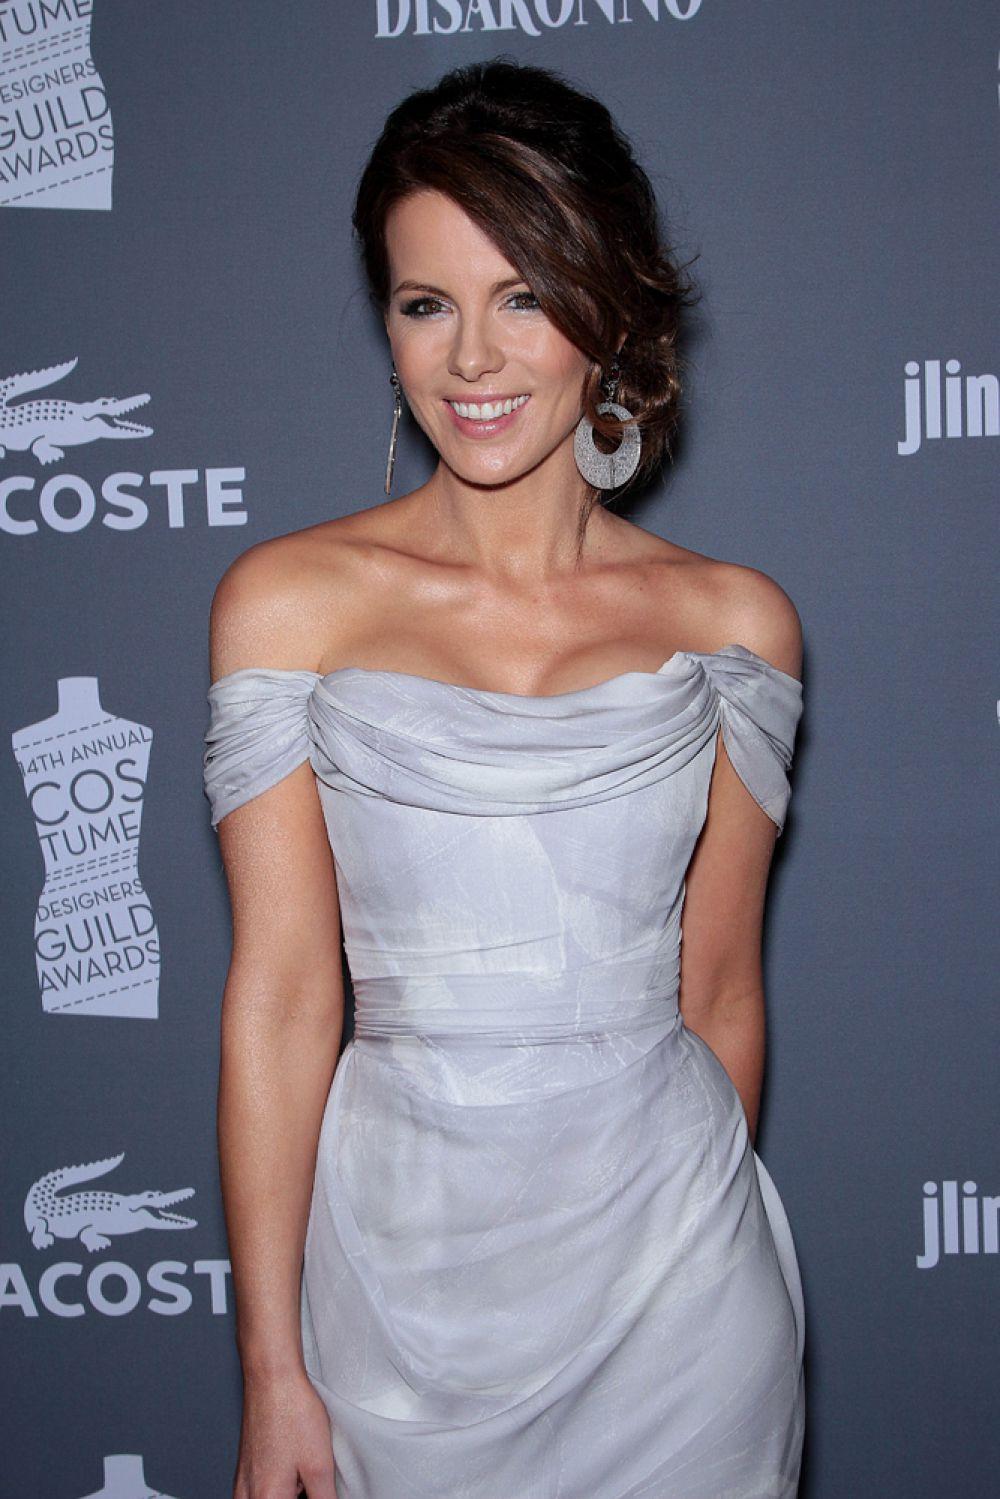 В 2009 году Кейт Бекинсейл купалась в лучах славы после выхода очередного фильма из серии «Другой мир». Ее имя было на слуху, как итог – звание самой сексуальной женщины из ныне живущих.